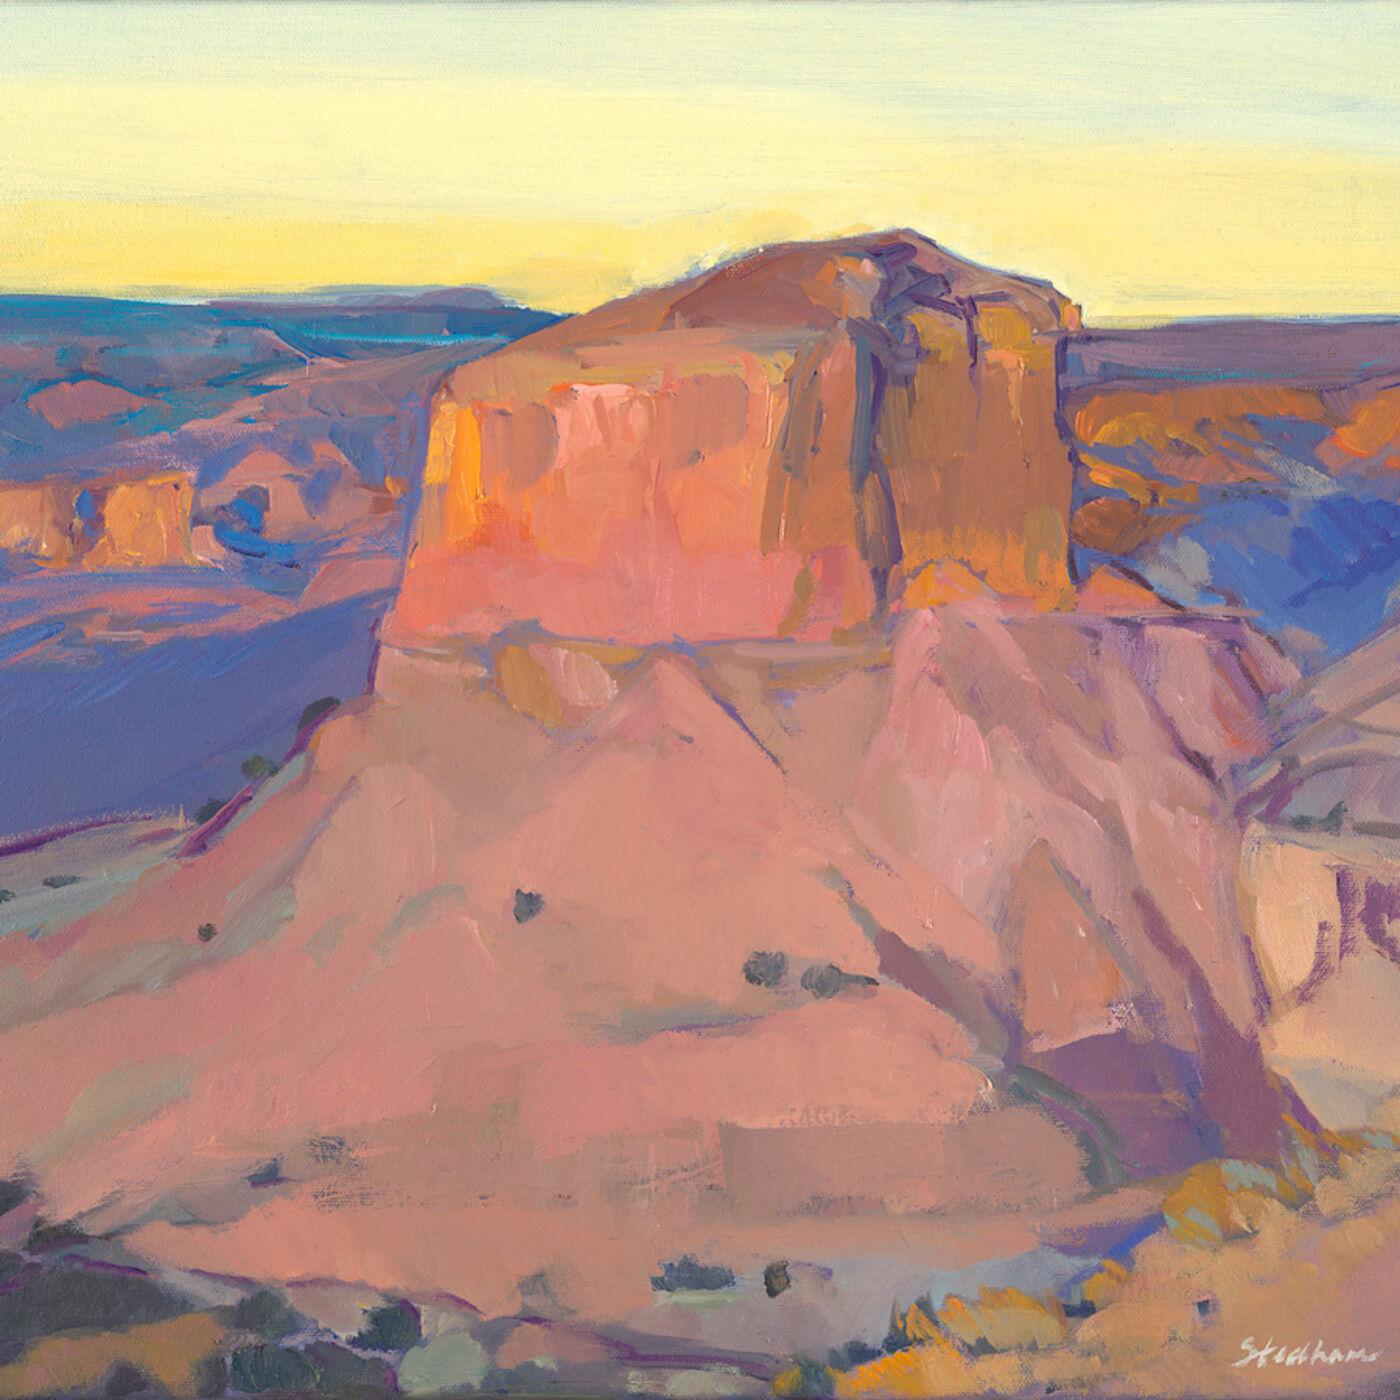 Kathryn Stedham: Santa Fe Oil Painter (Part Two) - Epi. 151, Host Dr. Mark Sublette